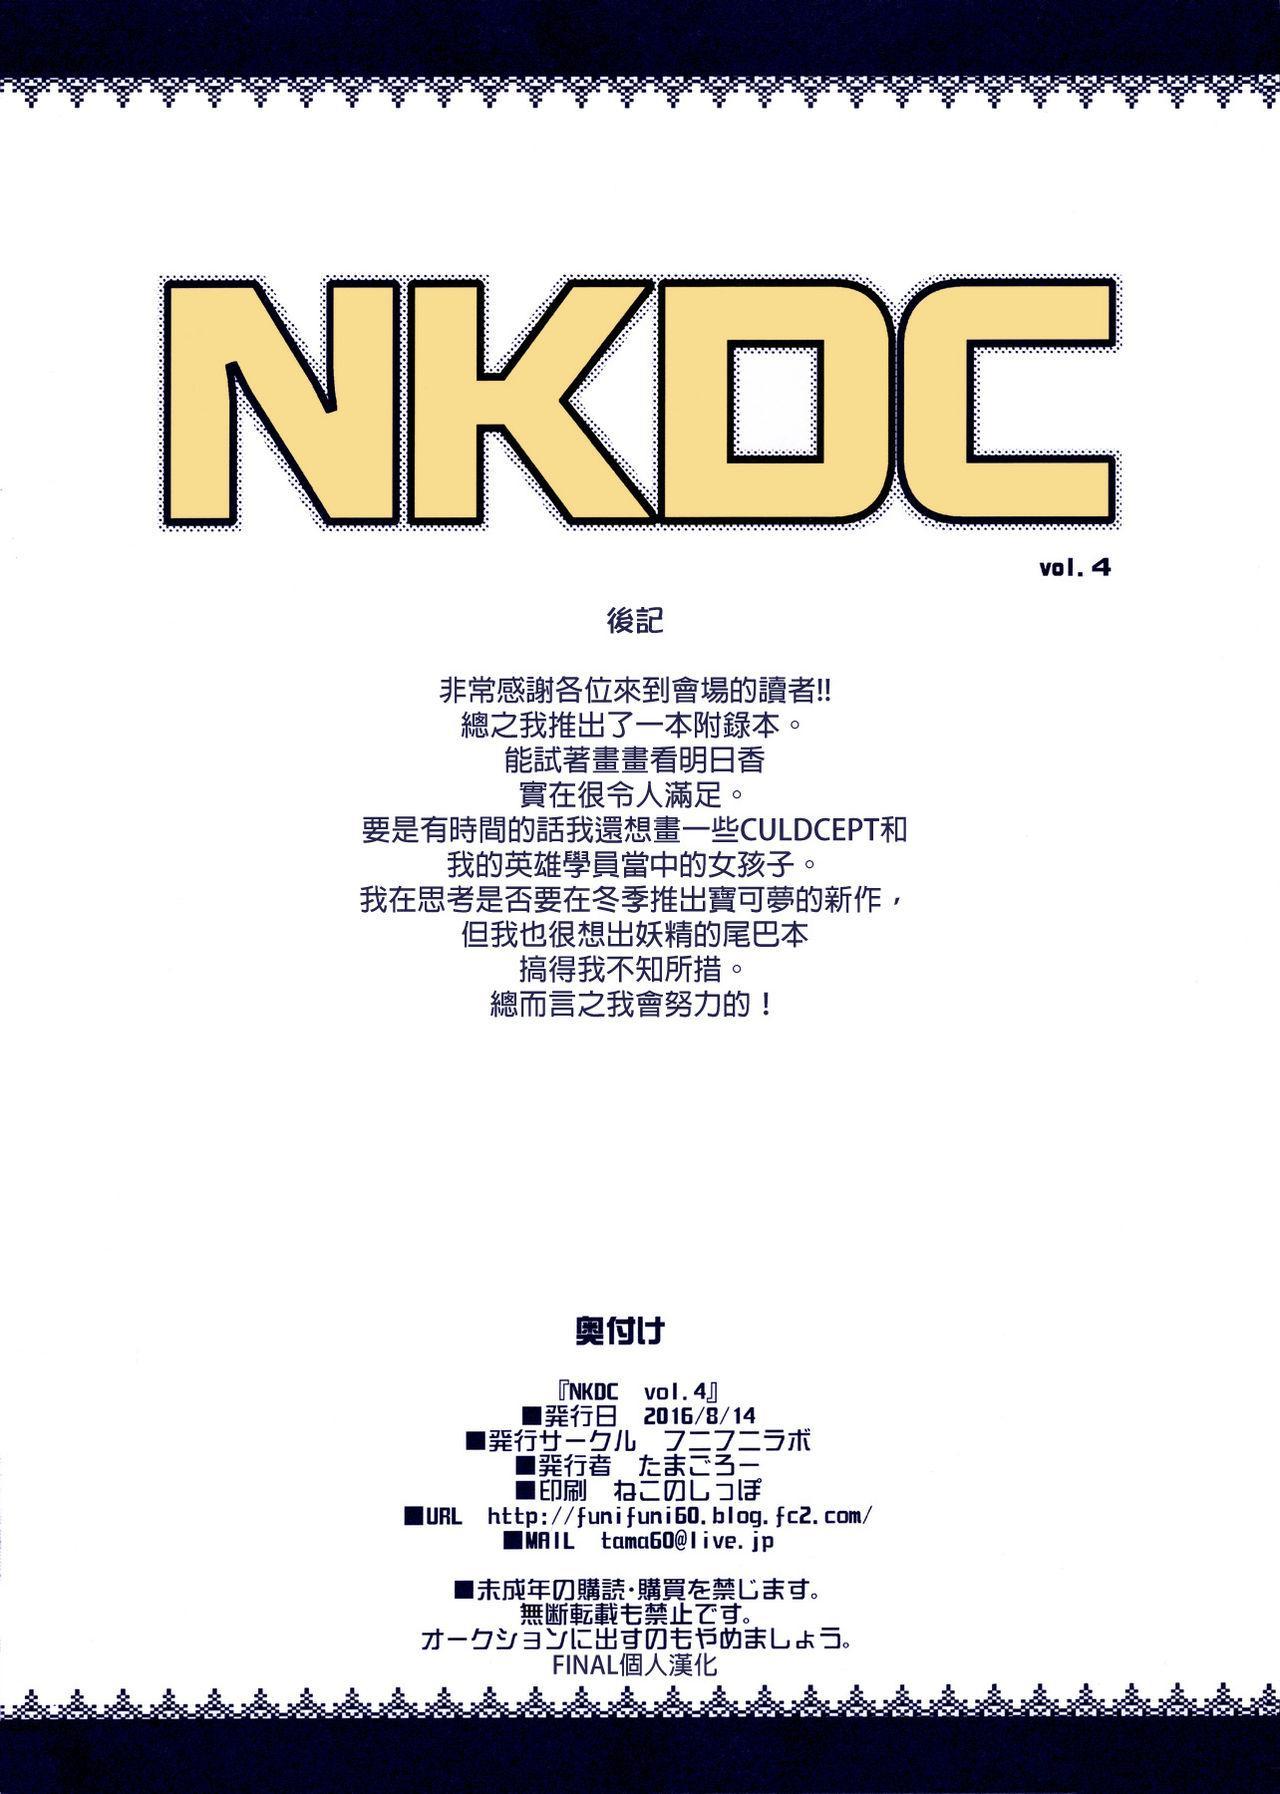 NKDC Vol. 4 7